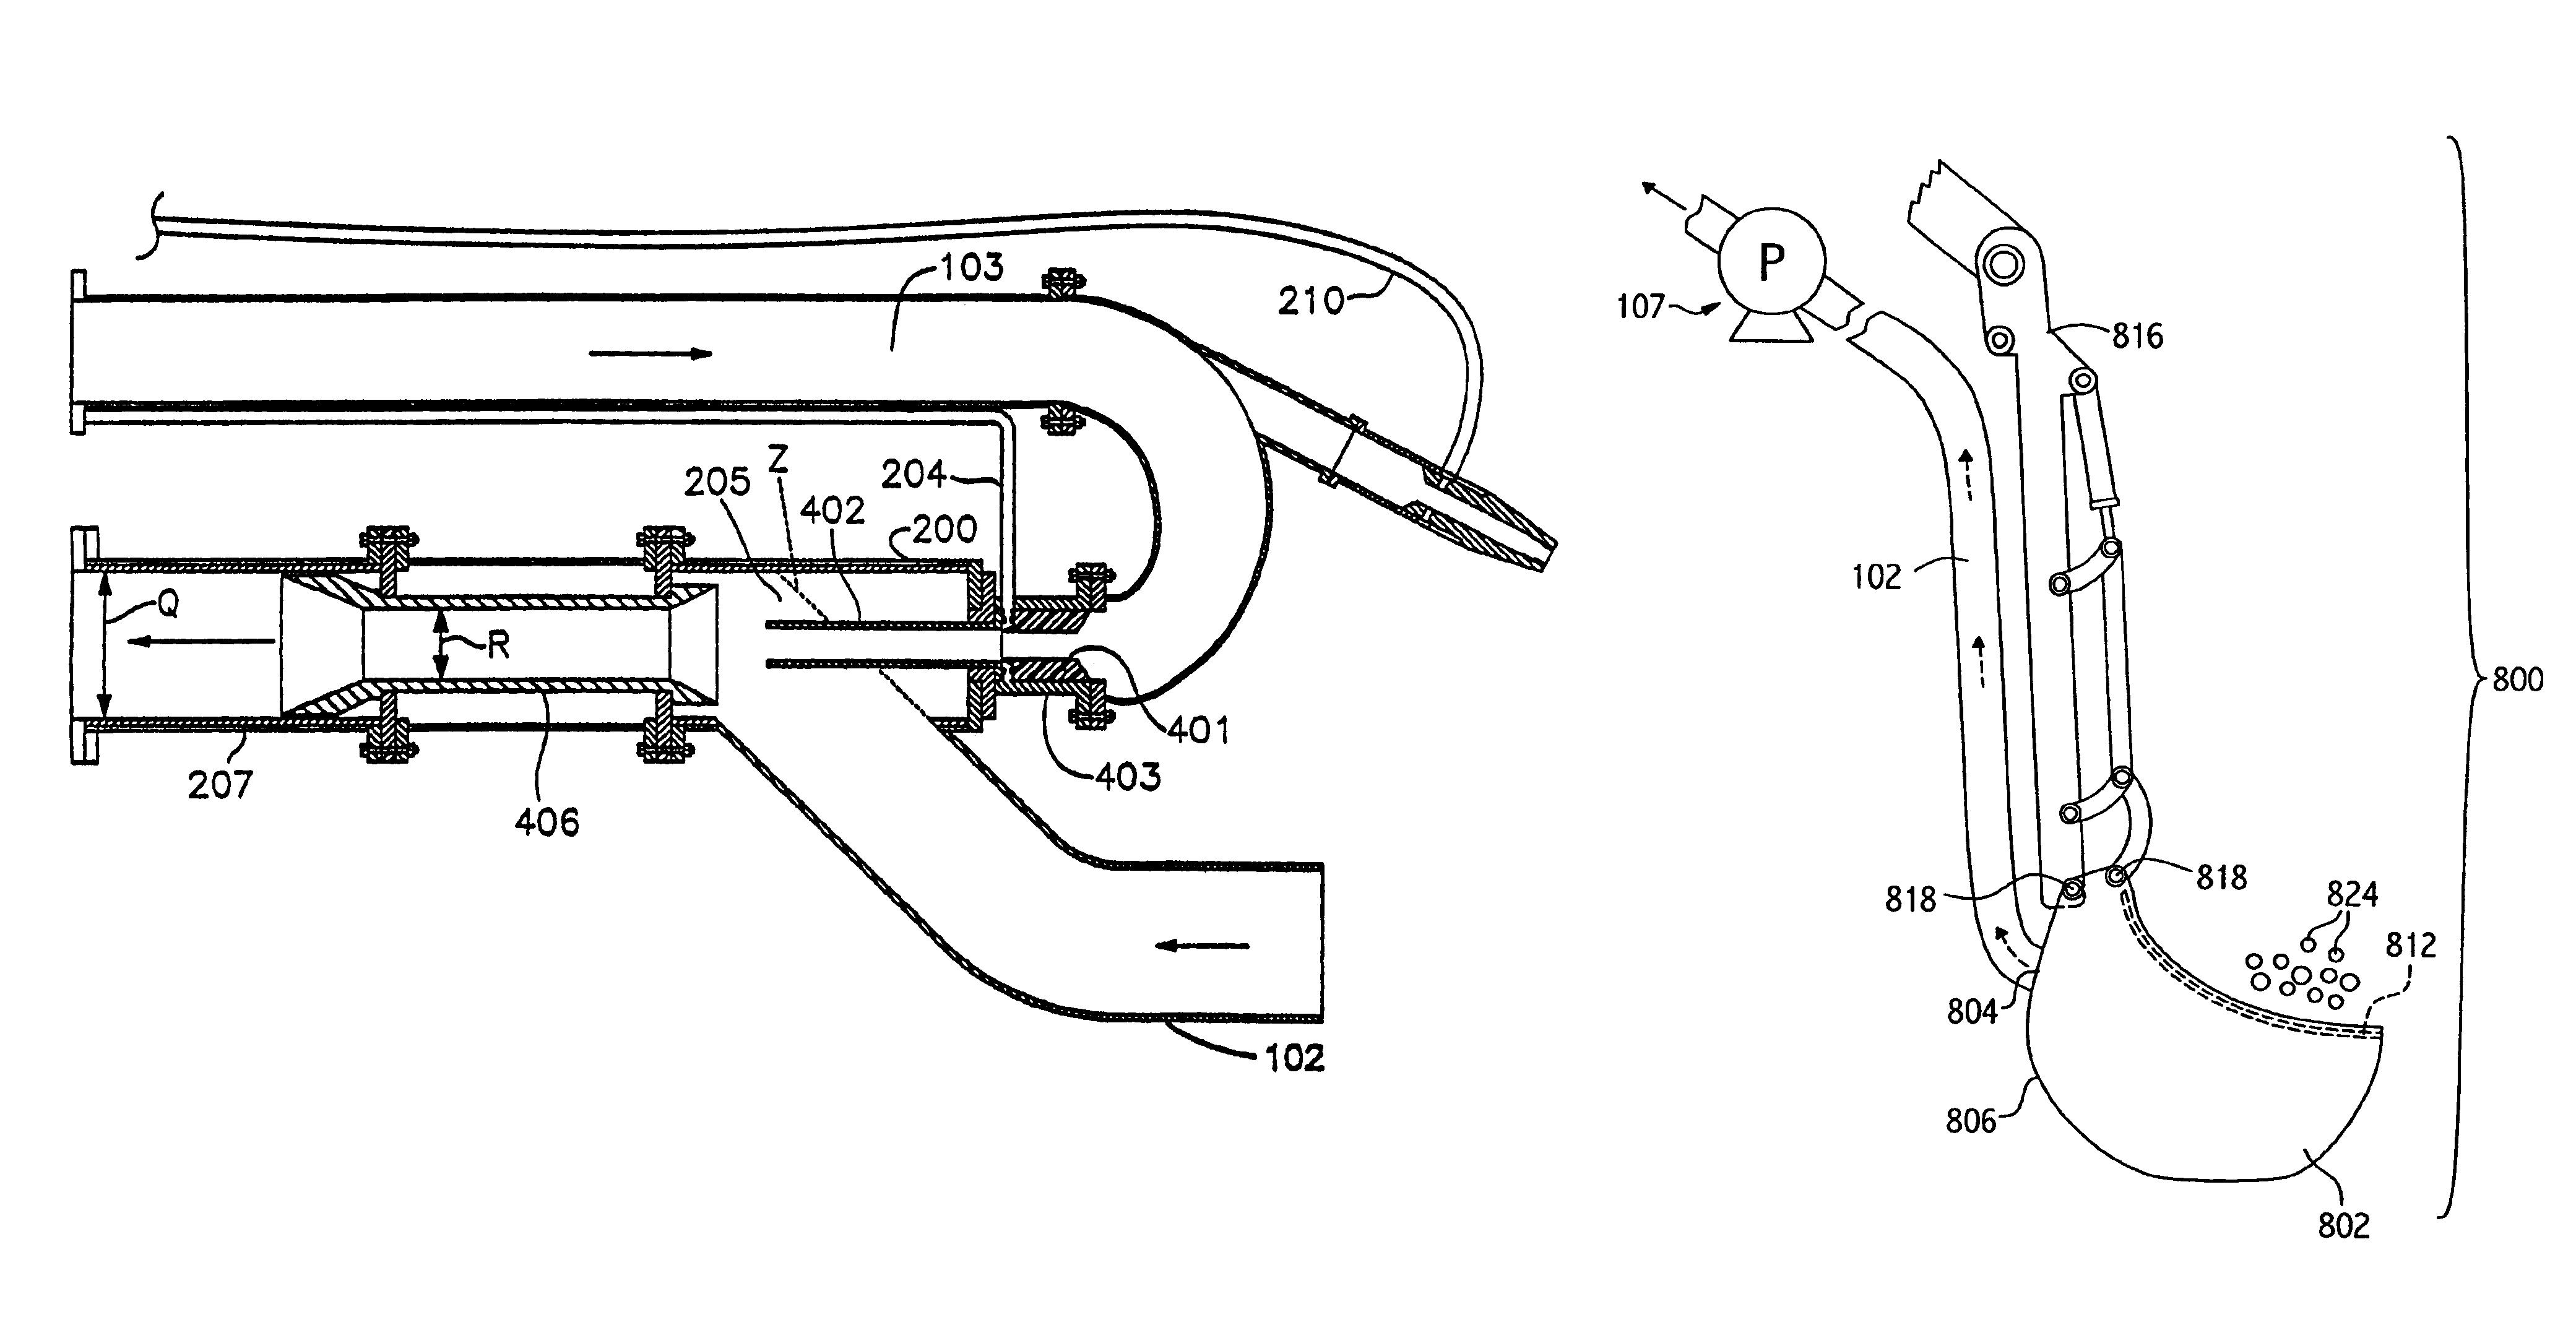 Suction Dredge Nozzle Design